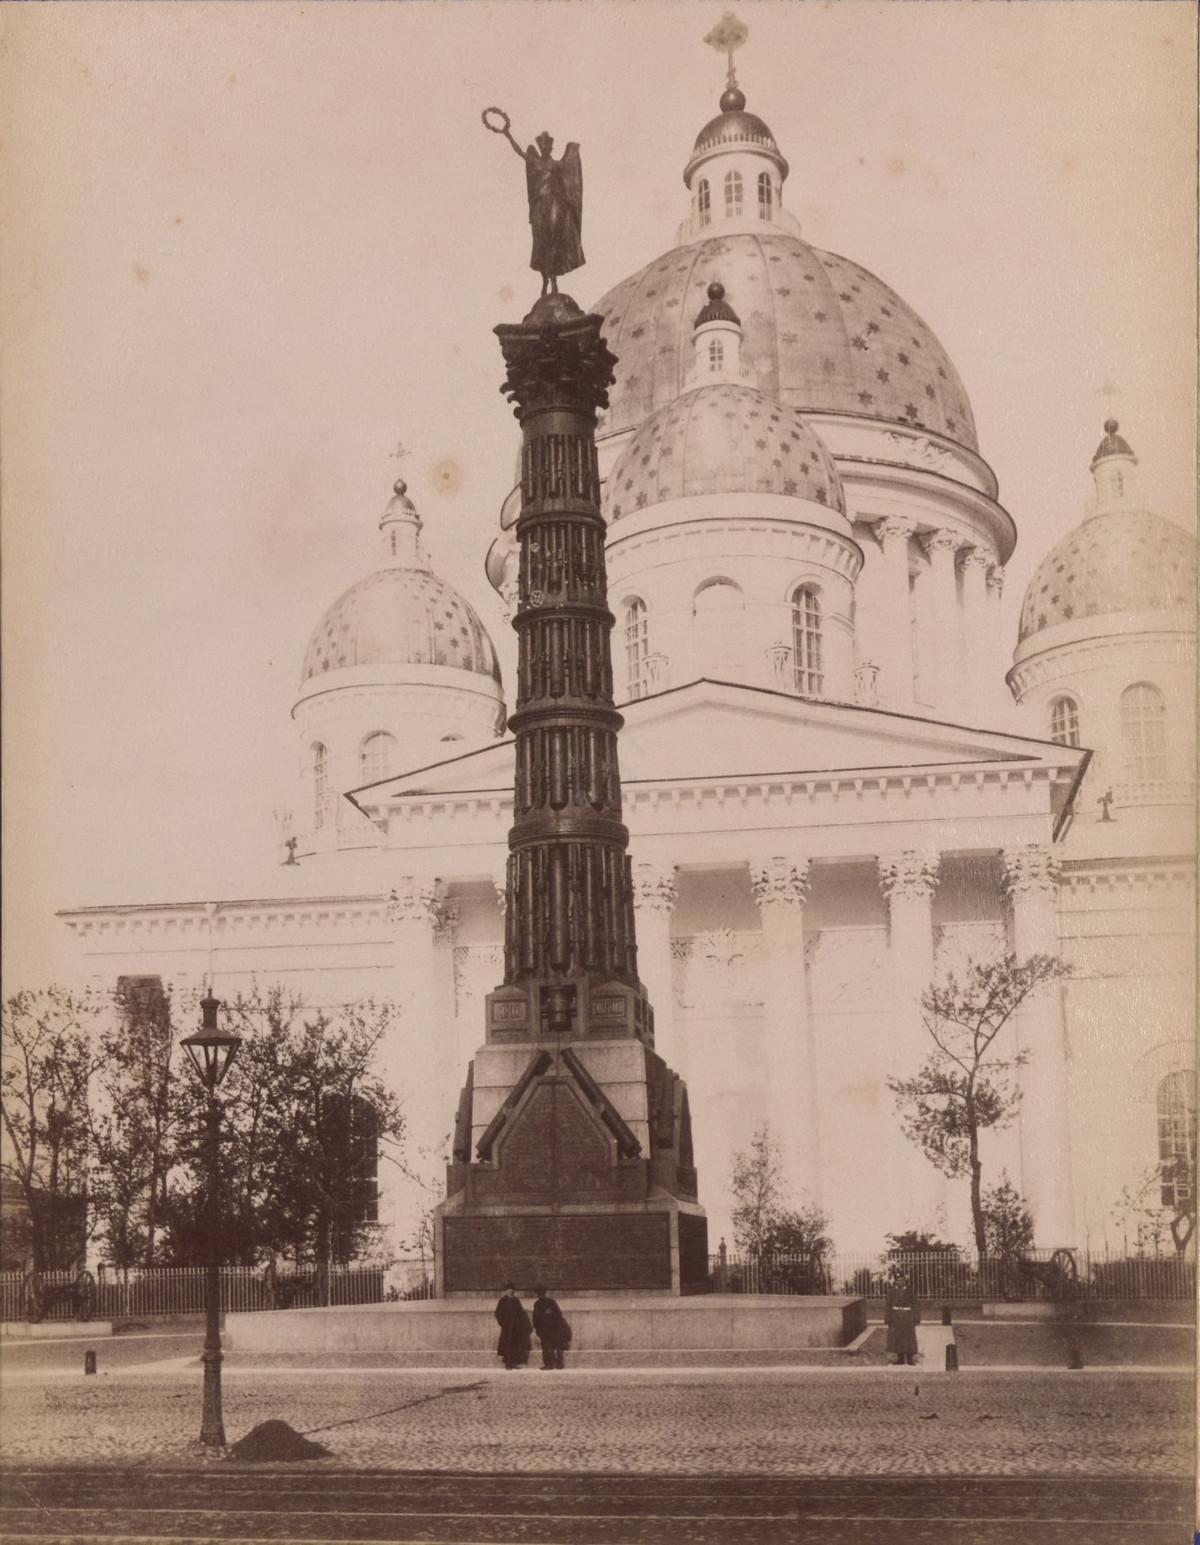 Памятник в честь побед Лейб-гвардии Конного полка в Отечественной войне 1812 года, который был установлен на Конногвардейском бульваре.